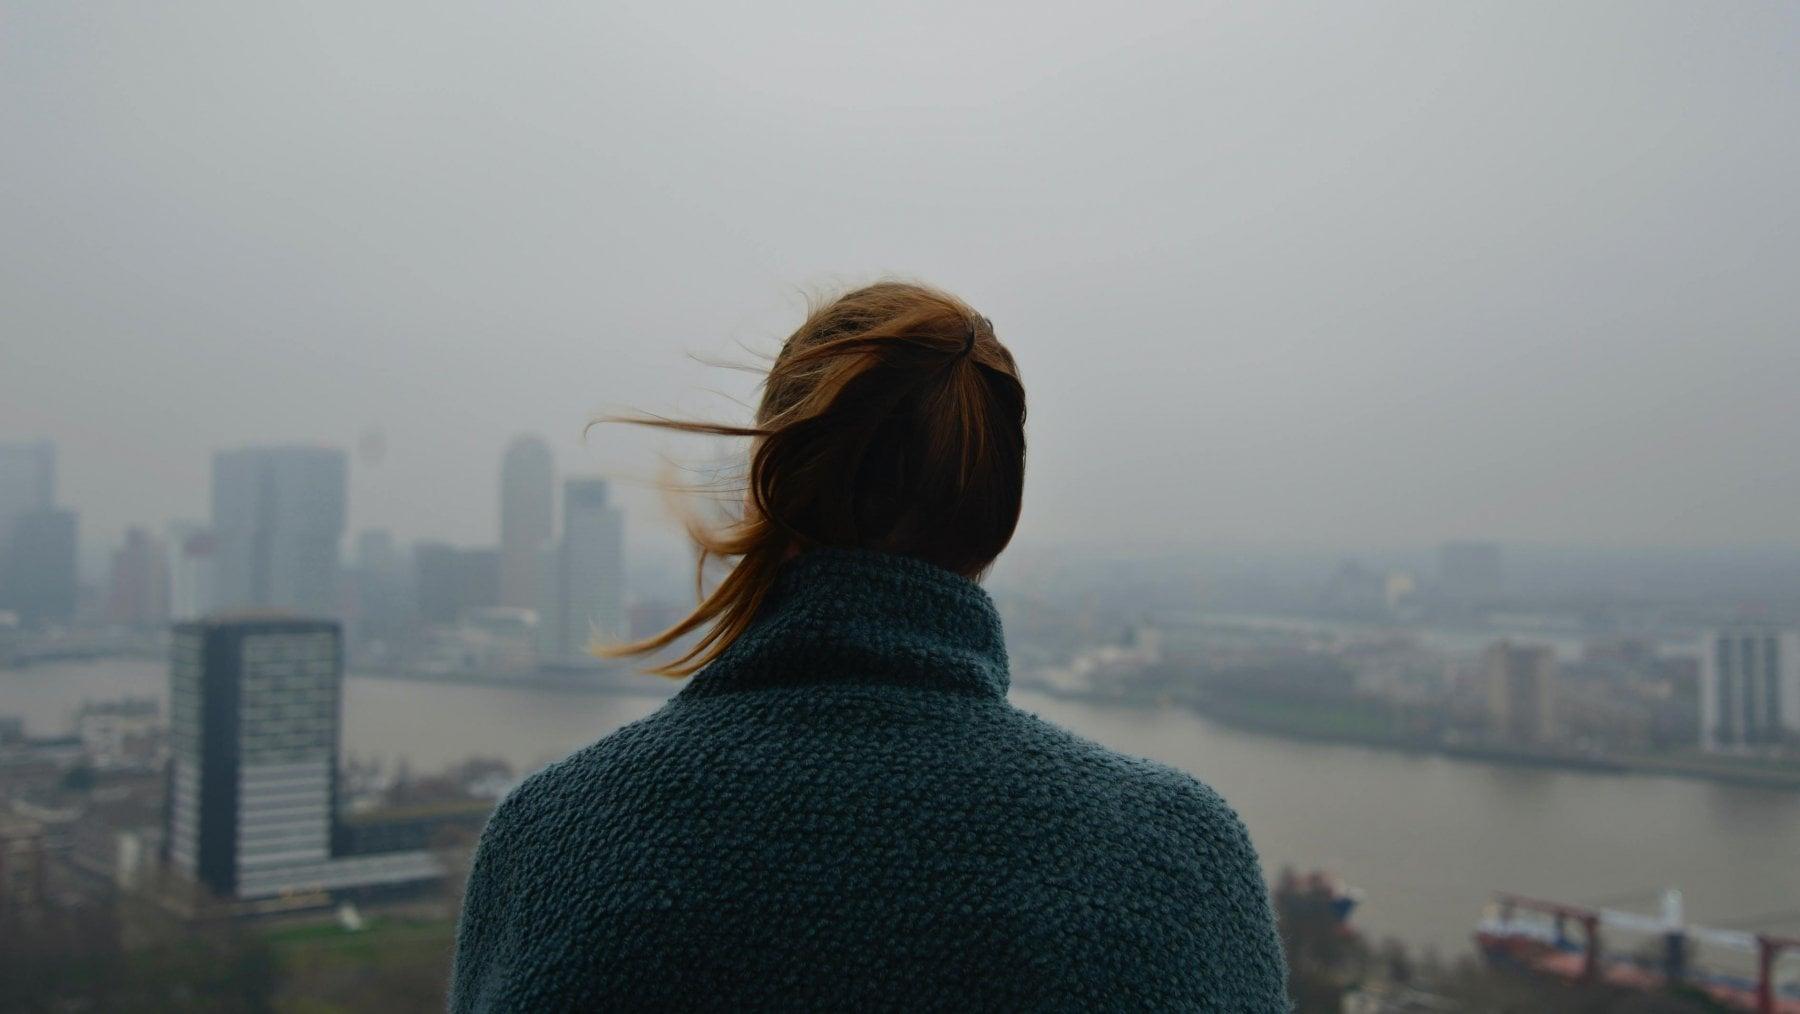 Sei ansioso? Può essere colpa dello smog